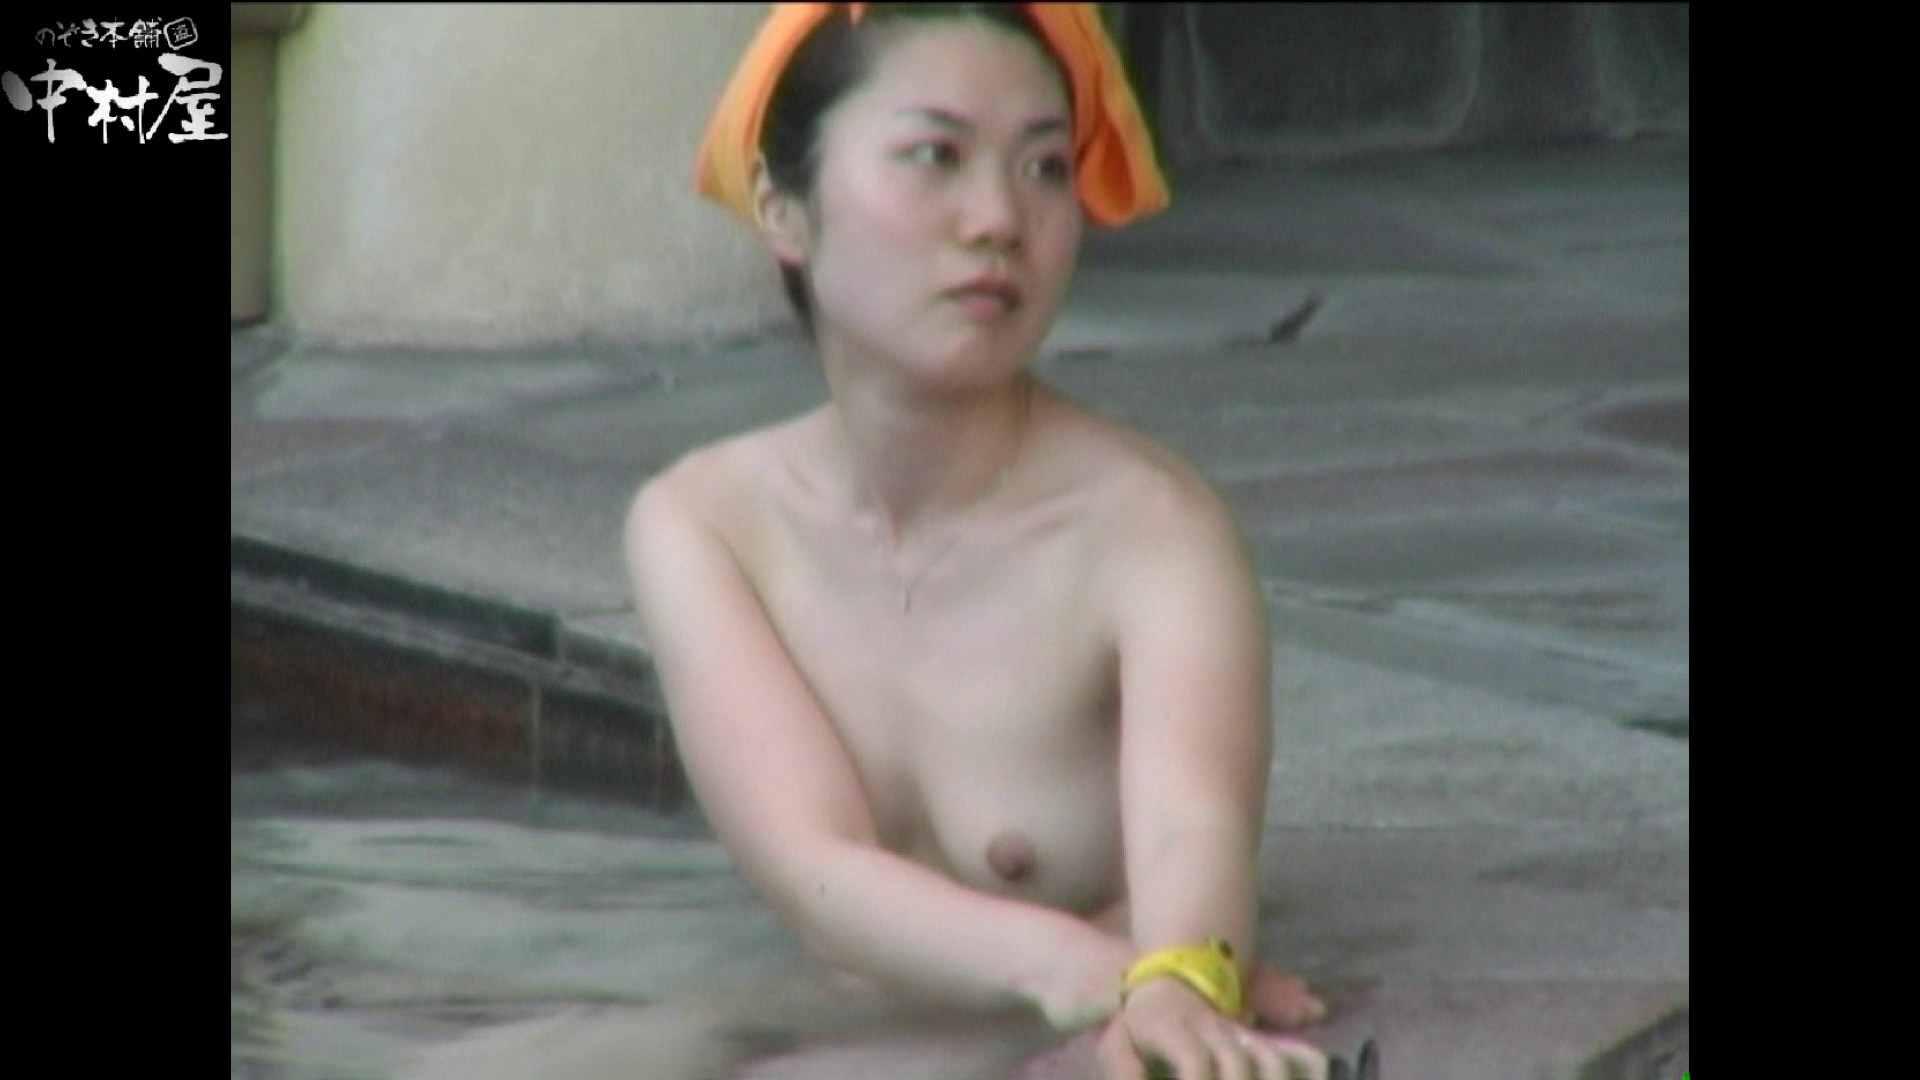 Aquaな露天風呂Vol.978 盗撮 | 露天風呂  73連発 73